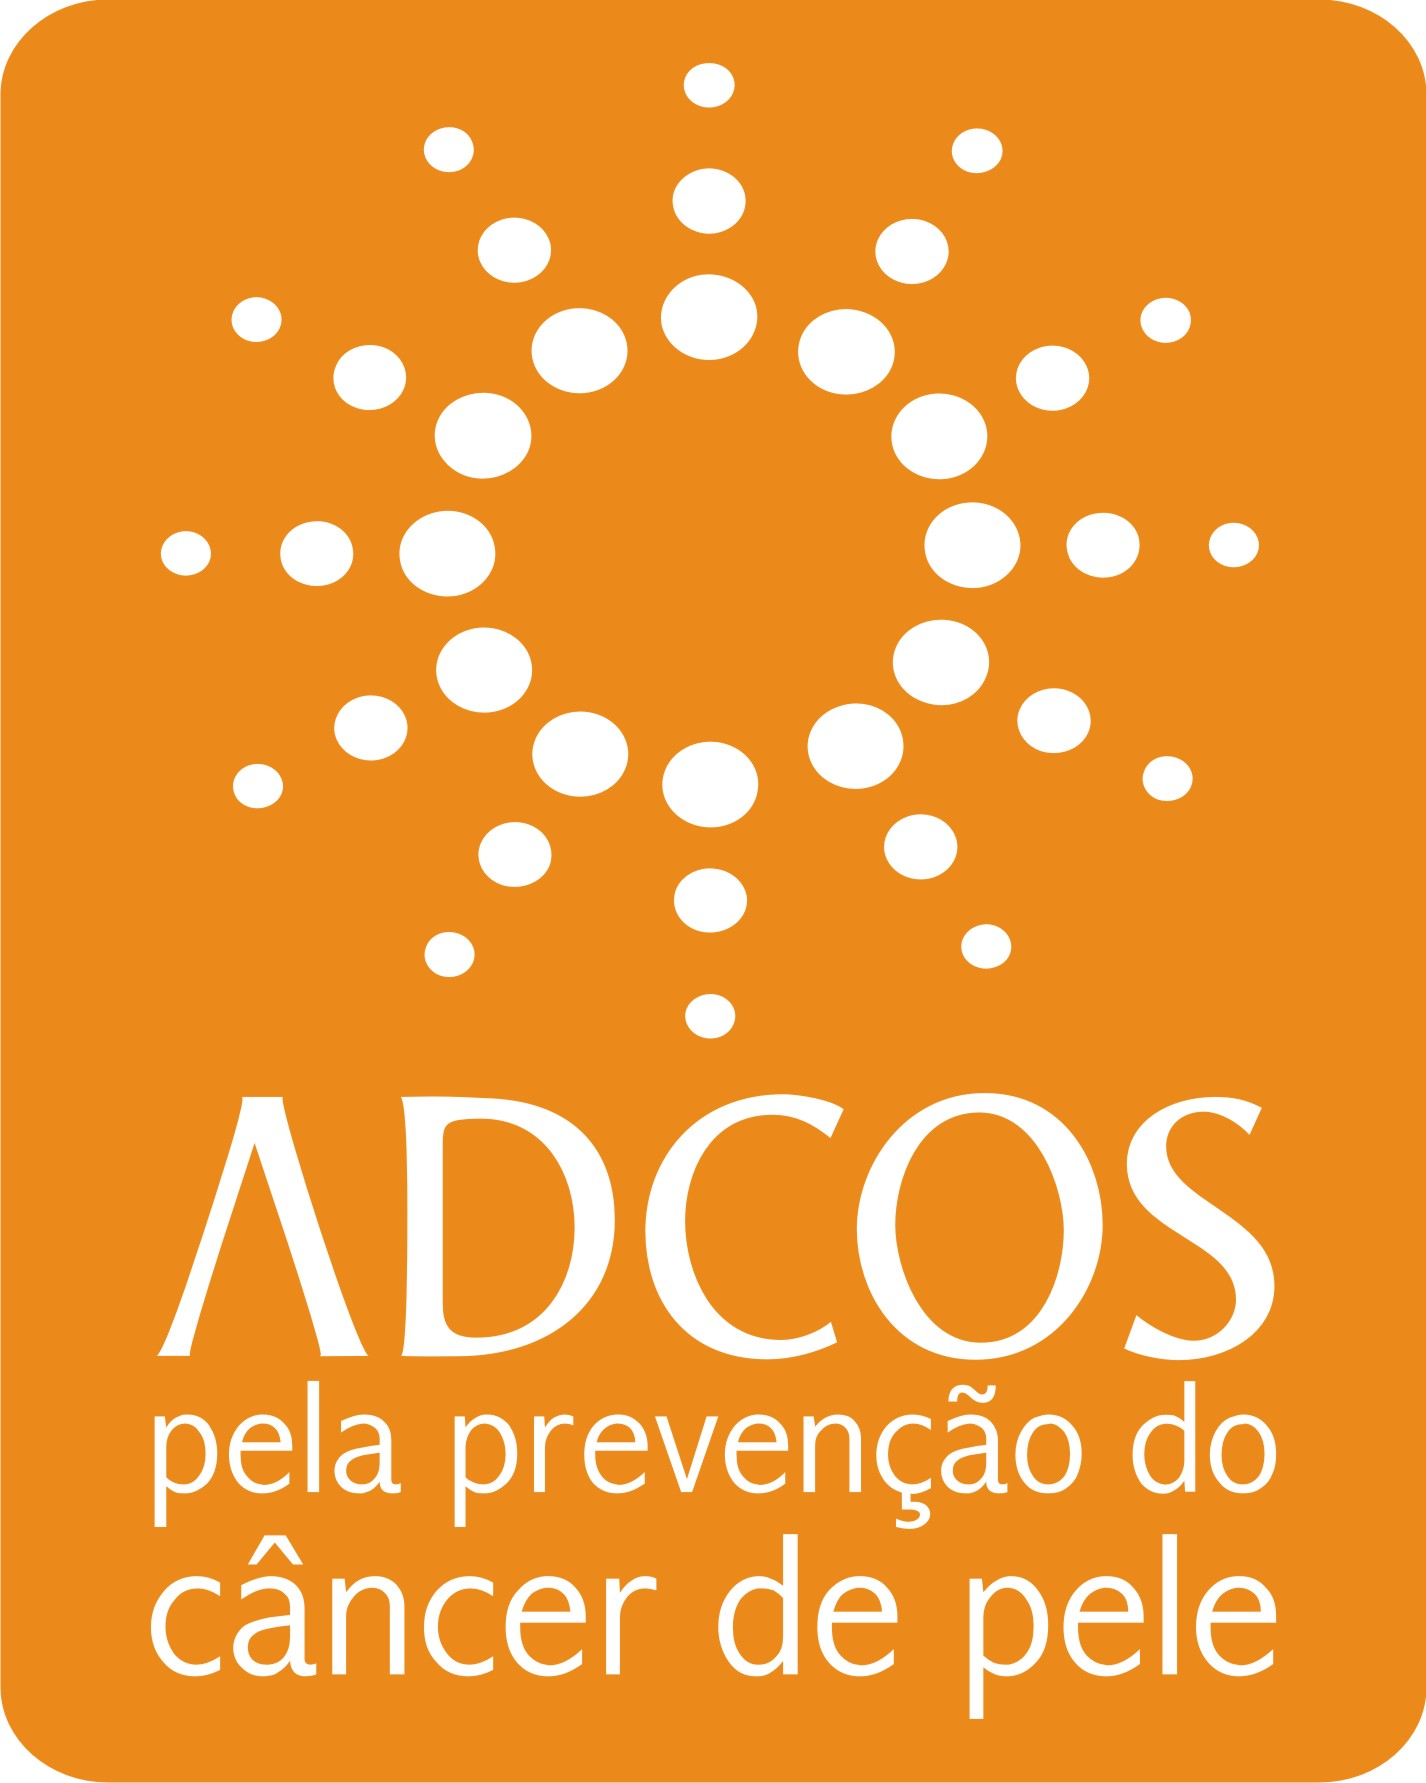 Selo ADCOS_Prevenção Câncer de Pele